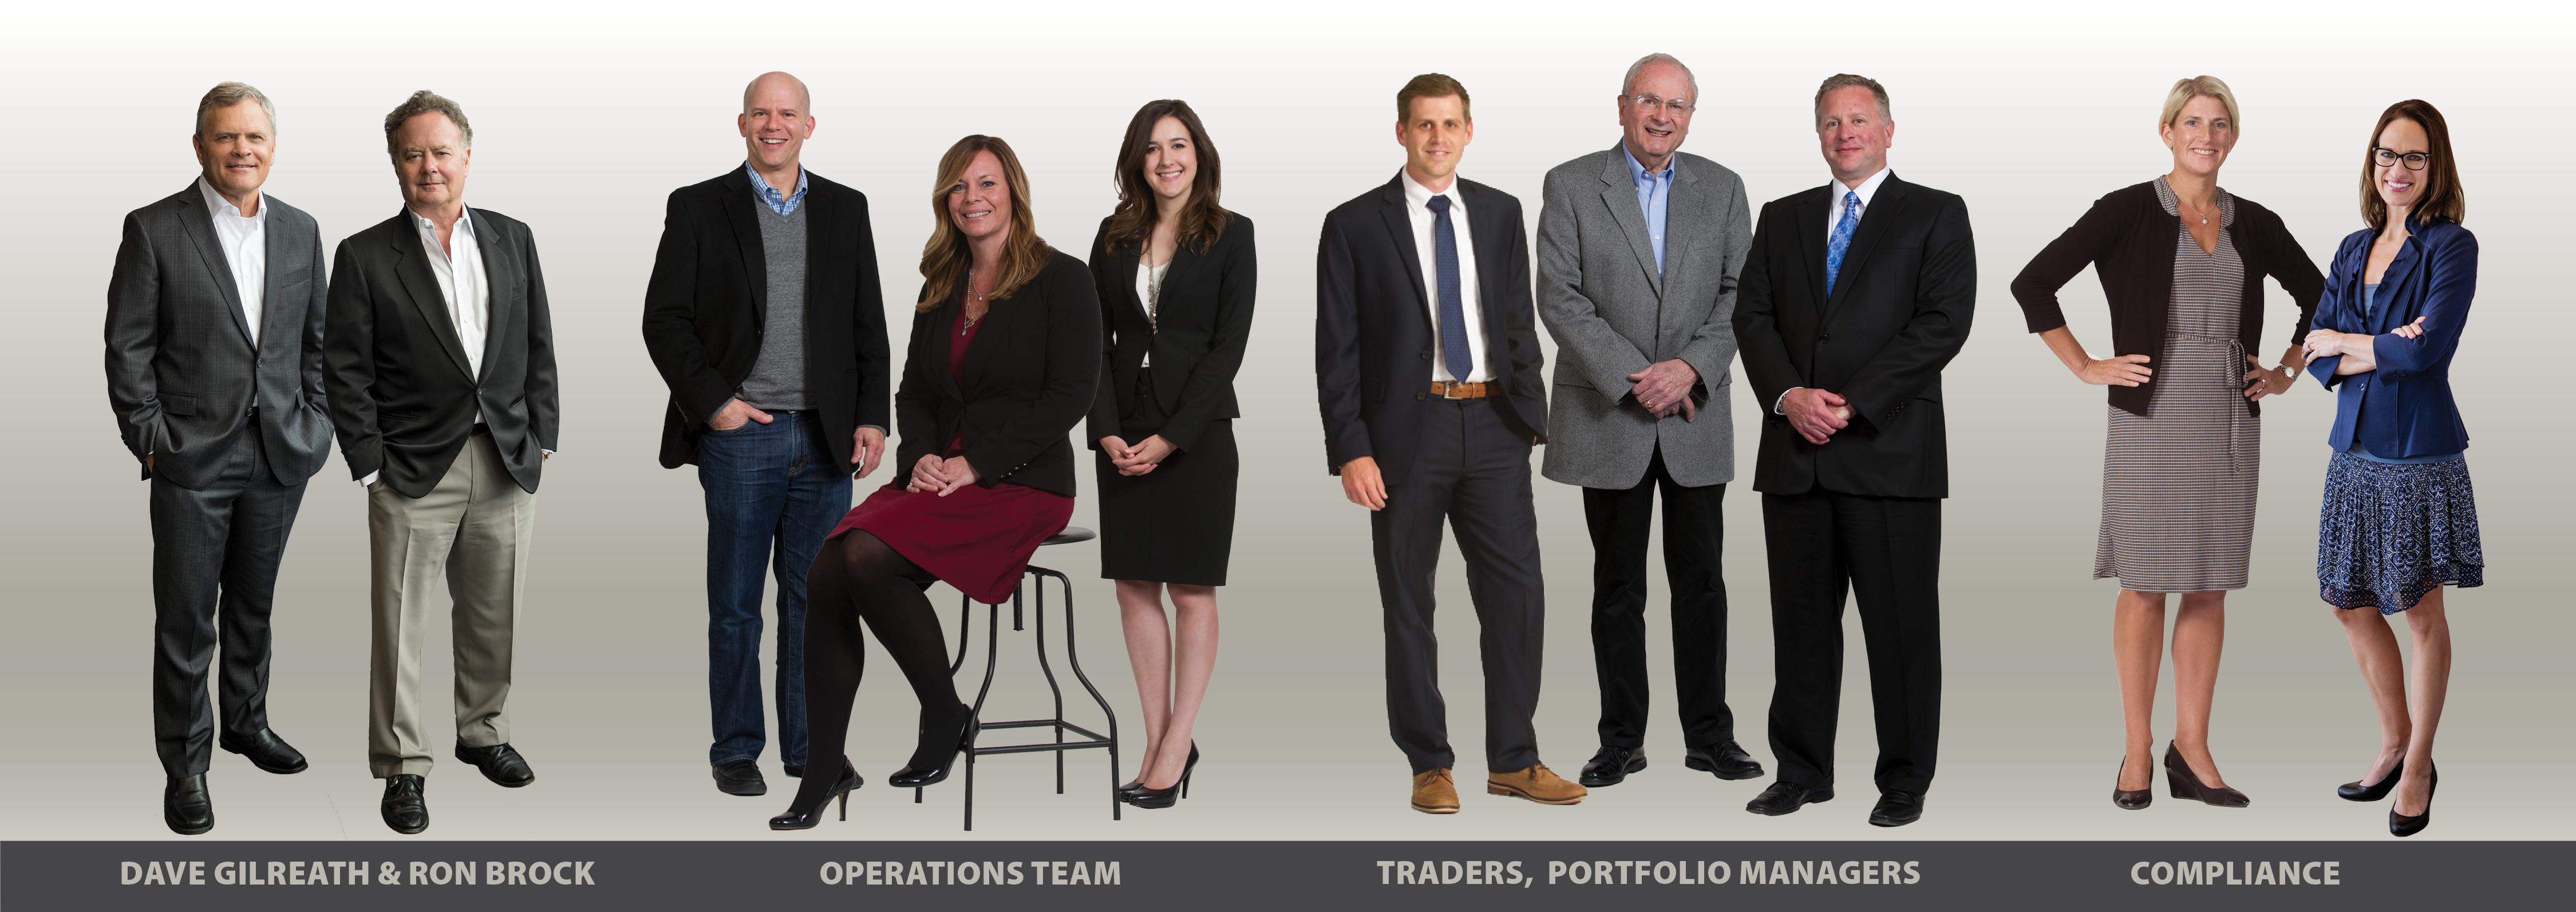 Sheaff Brock Leadership Team